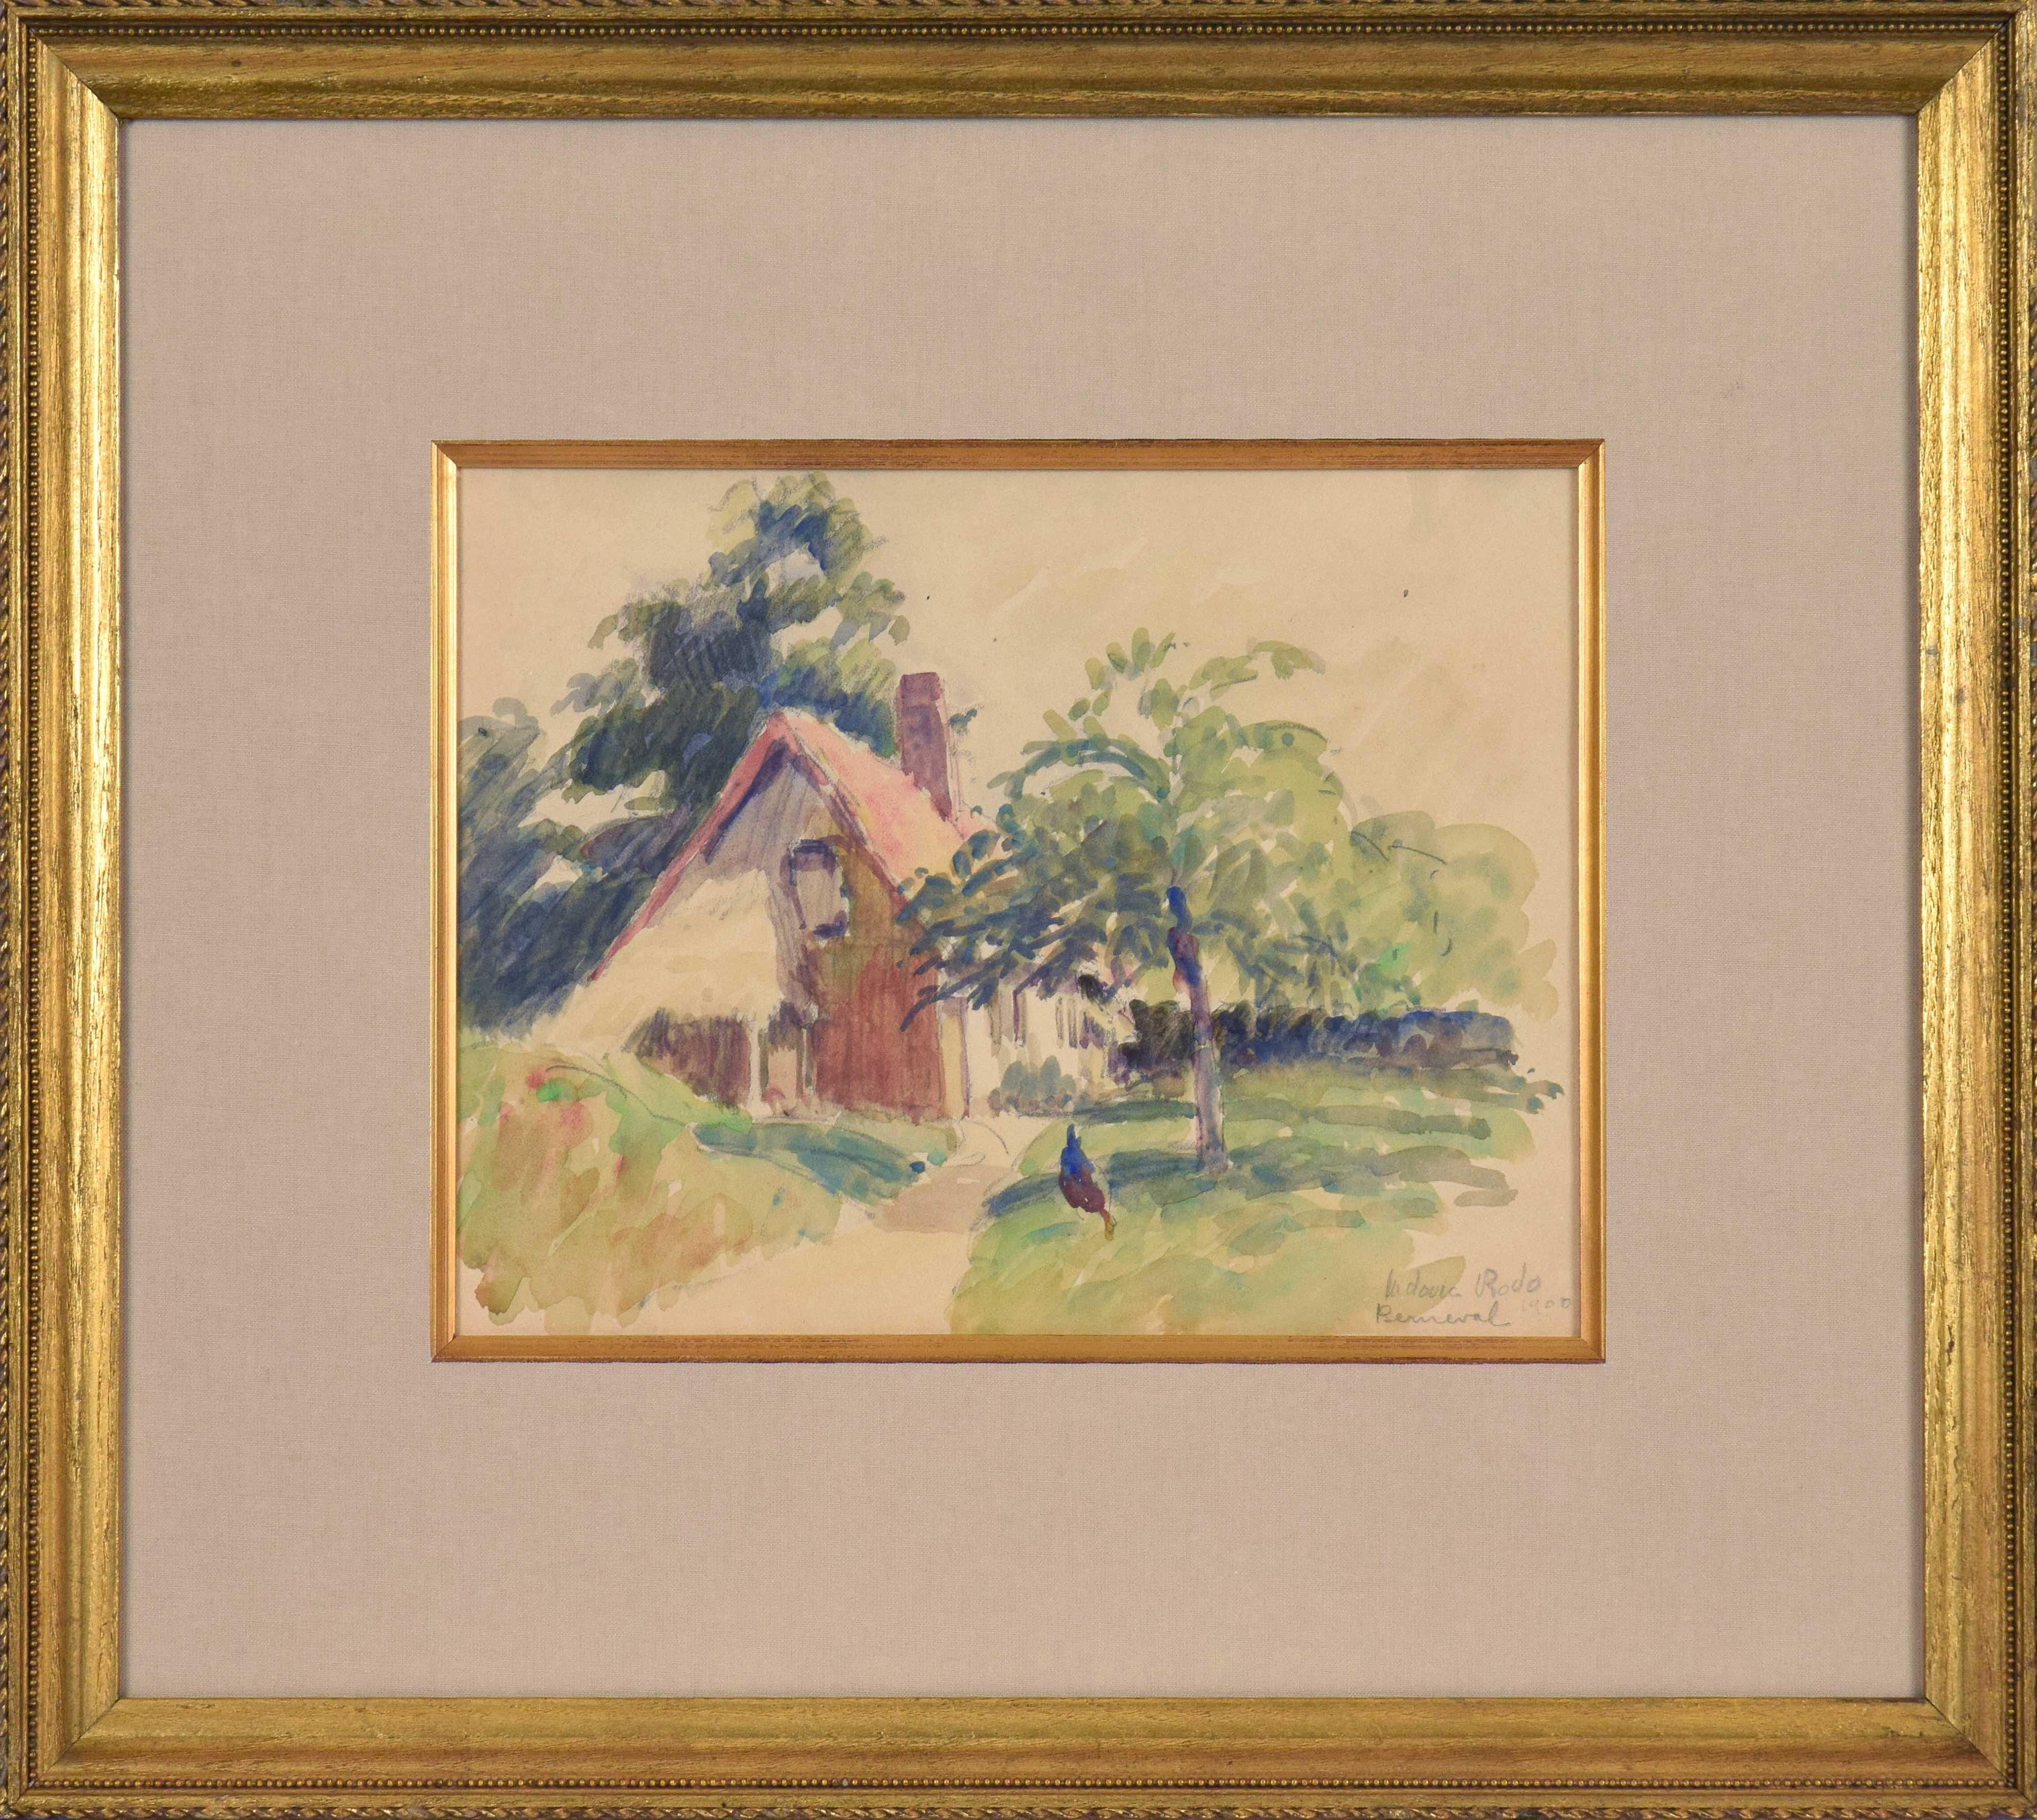 Berneval, LUDOVIC-RODO PISSARRO-Post-Impressionist, Watercolour, House, Village